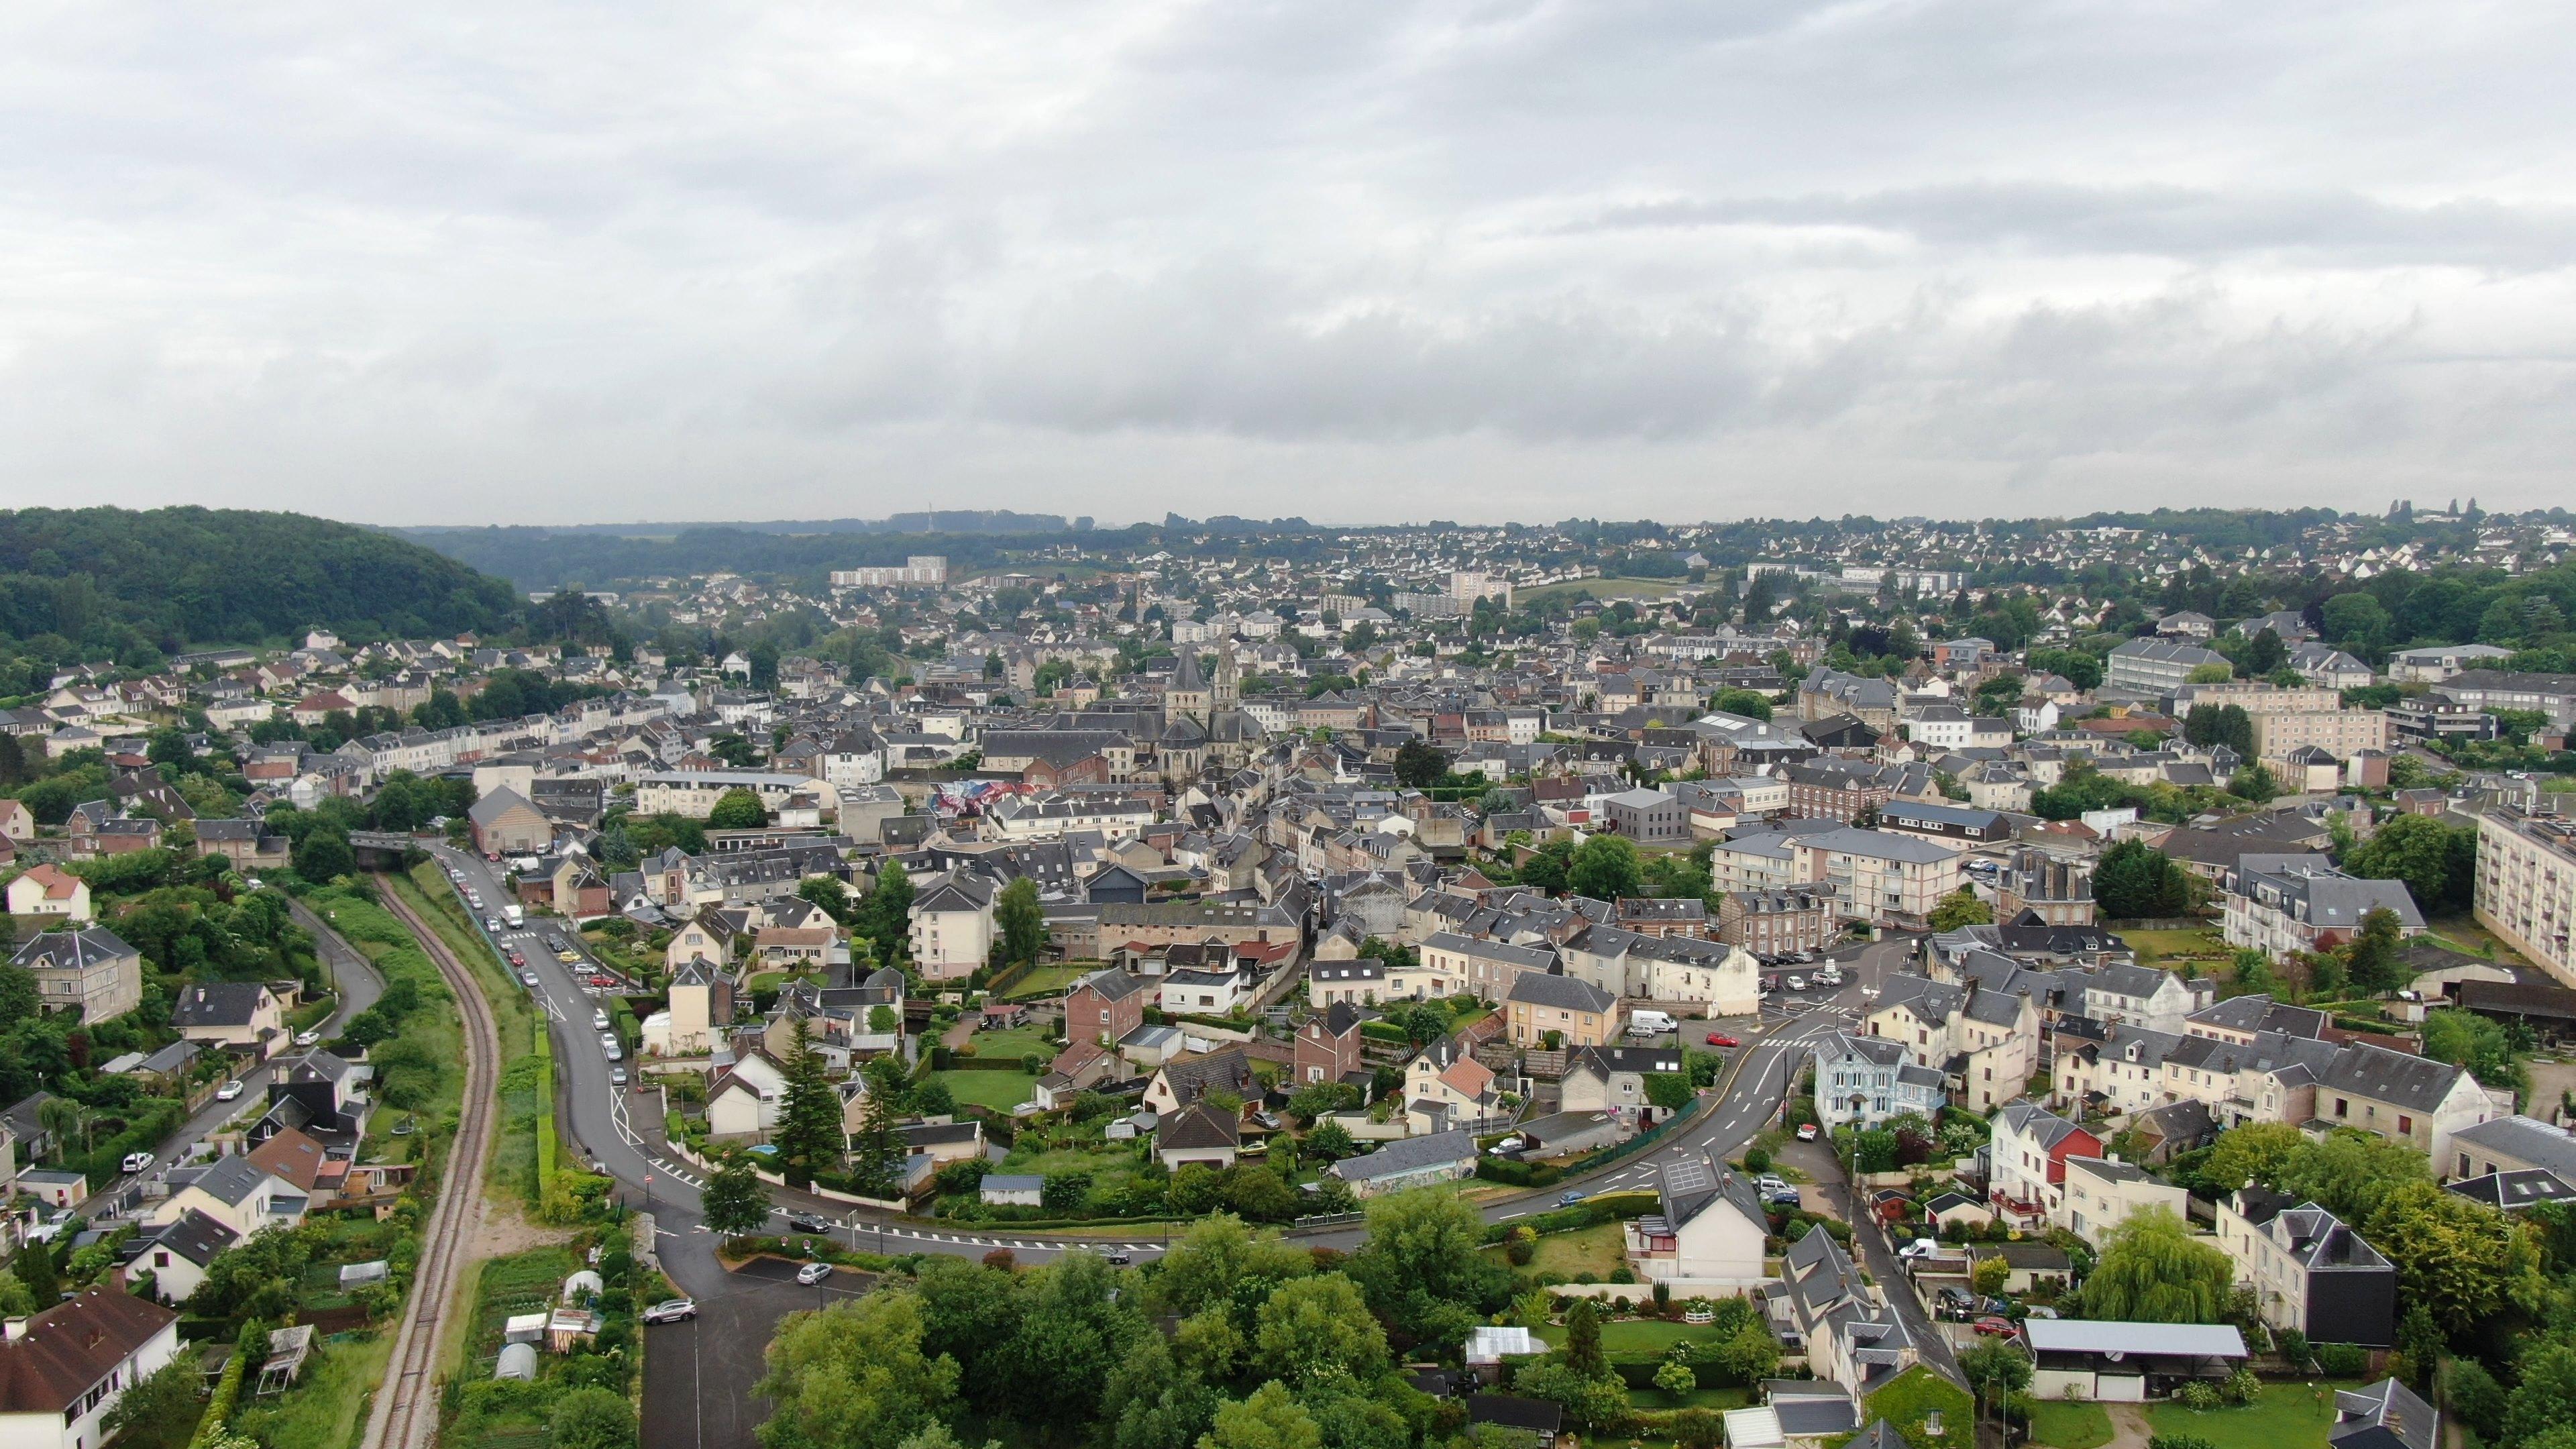 Montivilliers photographie aérienne par drone Seine-Maritime